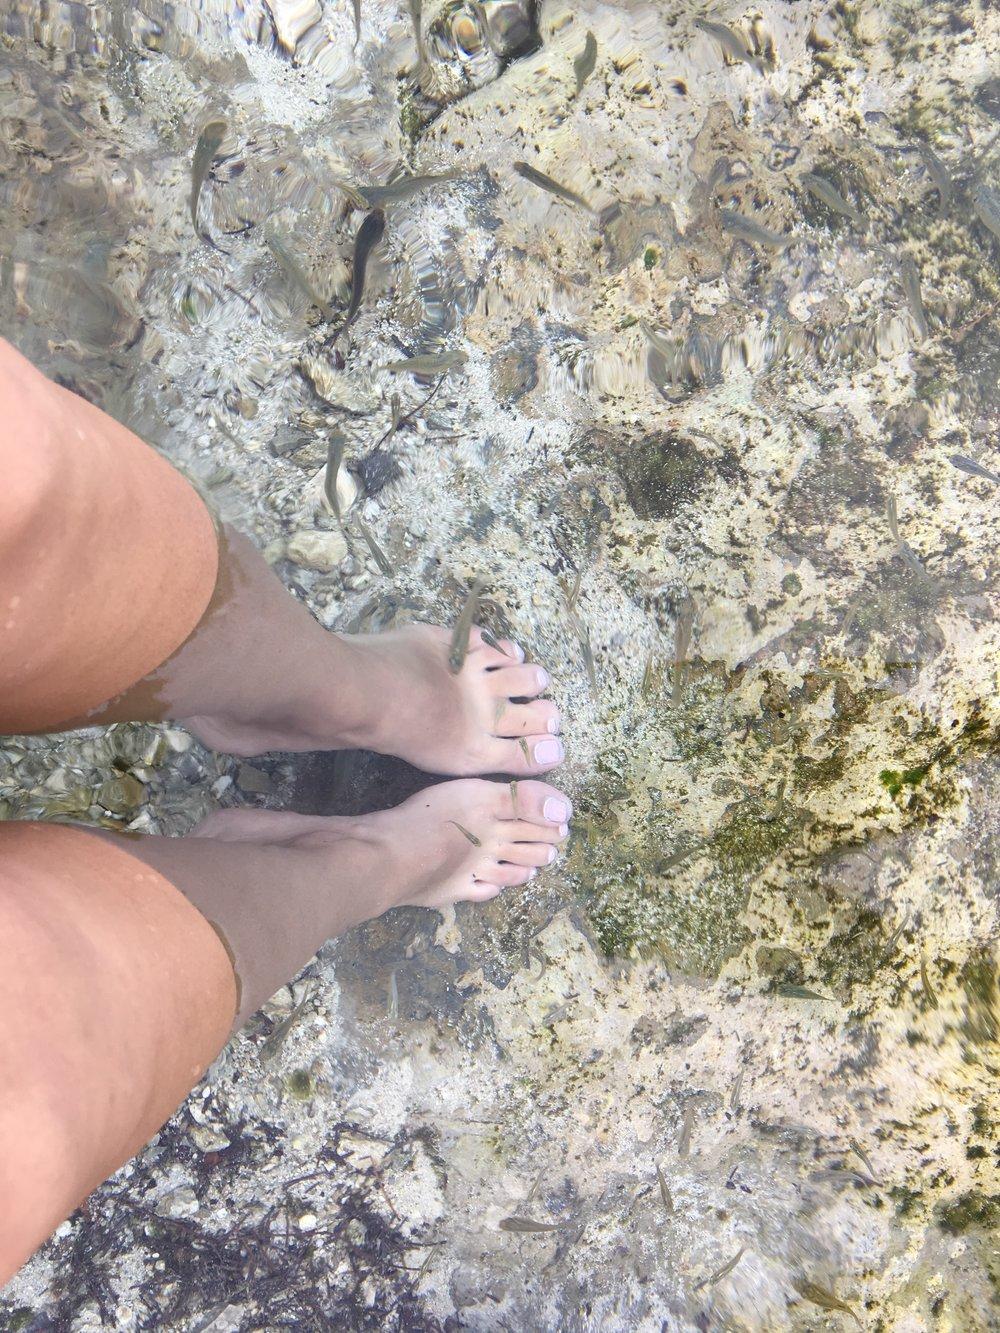 Los peces que limpiaban nuestros pies.